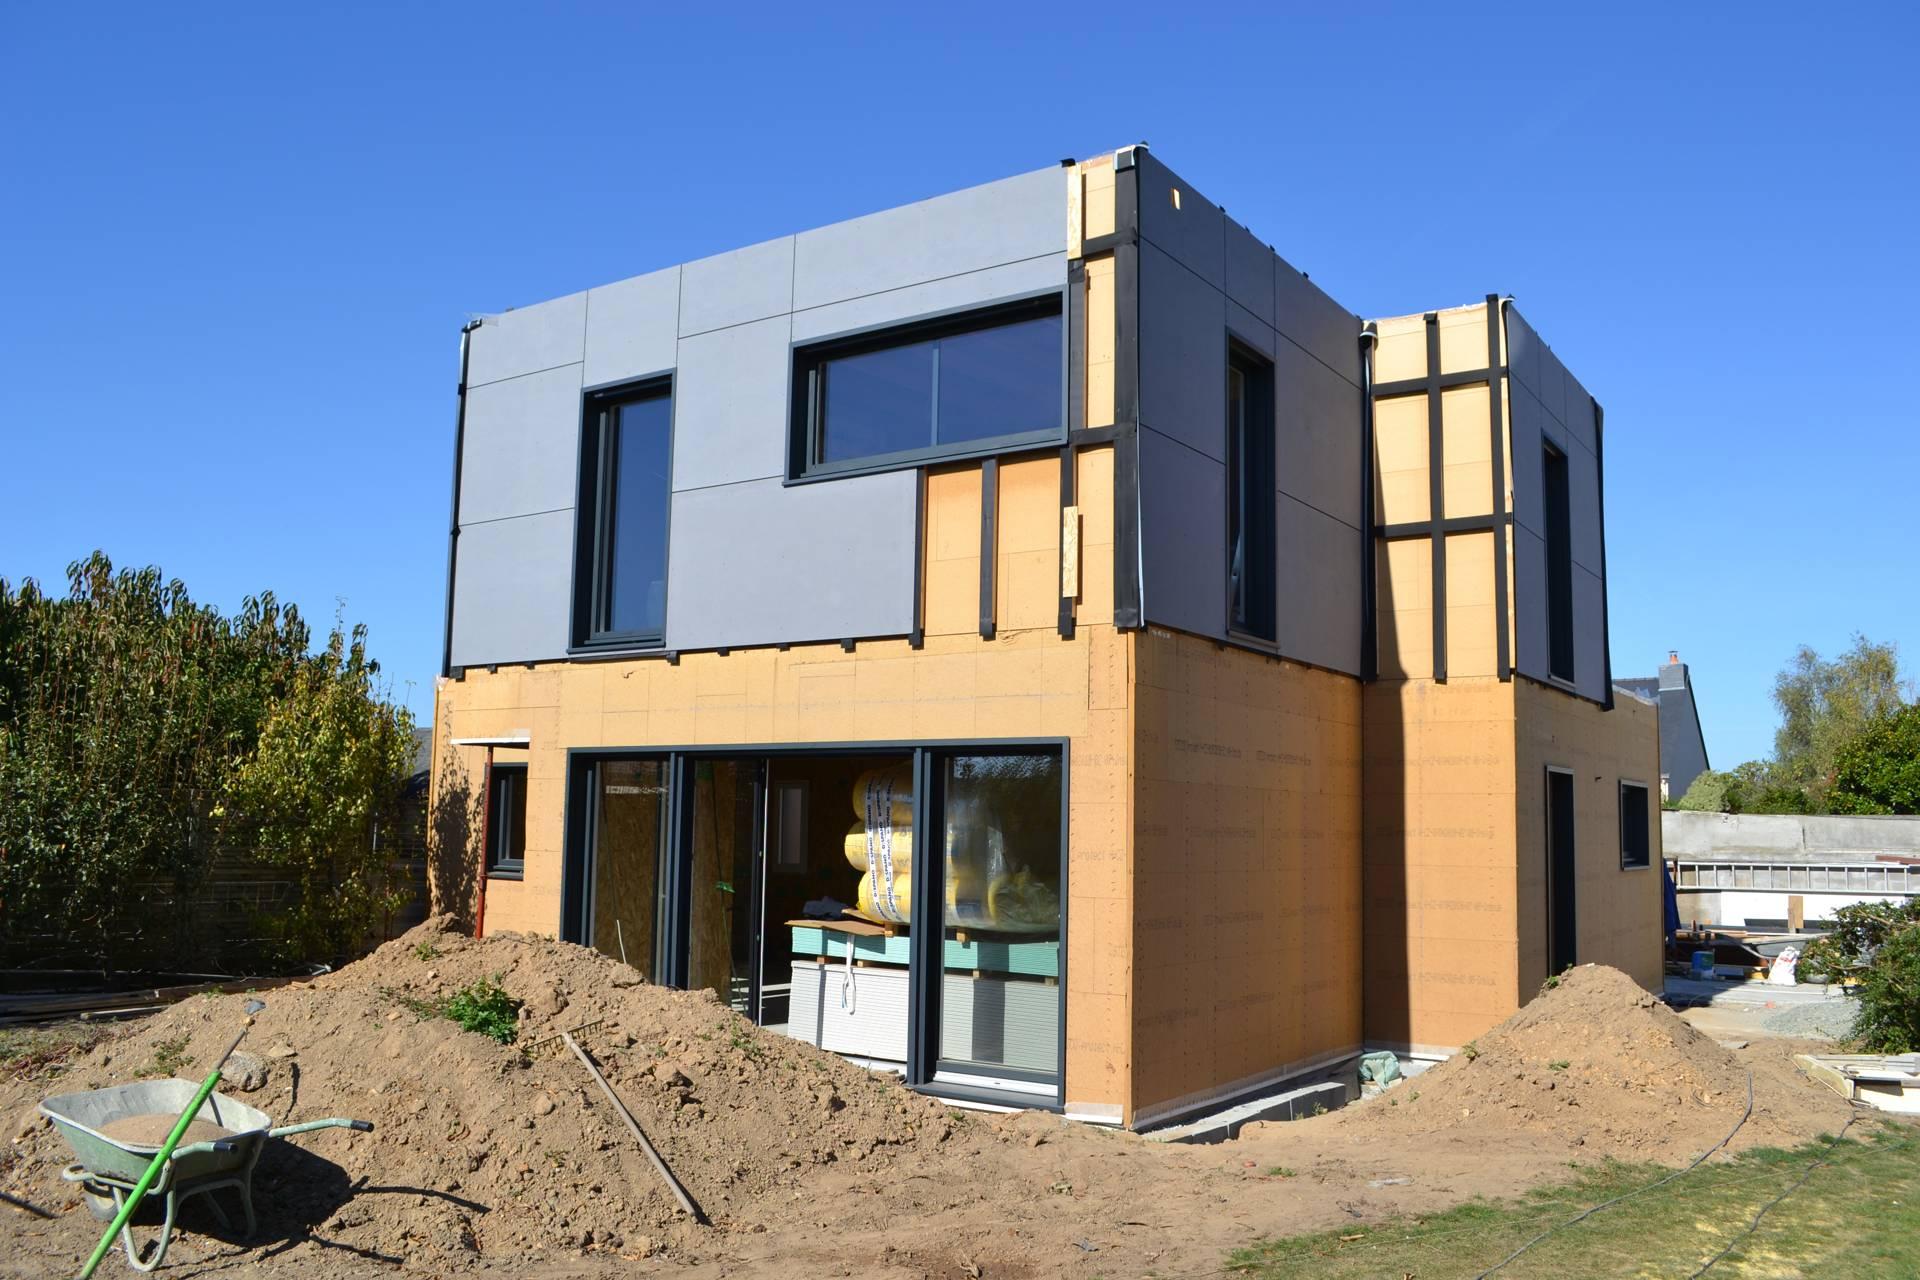 chantier maison bois ecologique - Construction d'une maison en ossature bois Couëron, proche Nantes